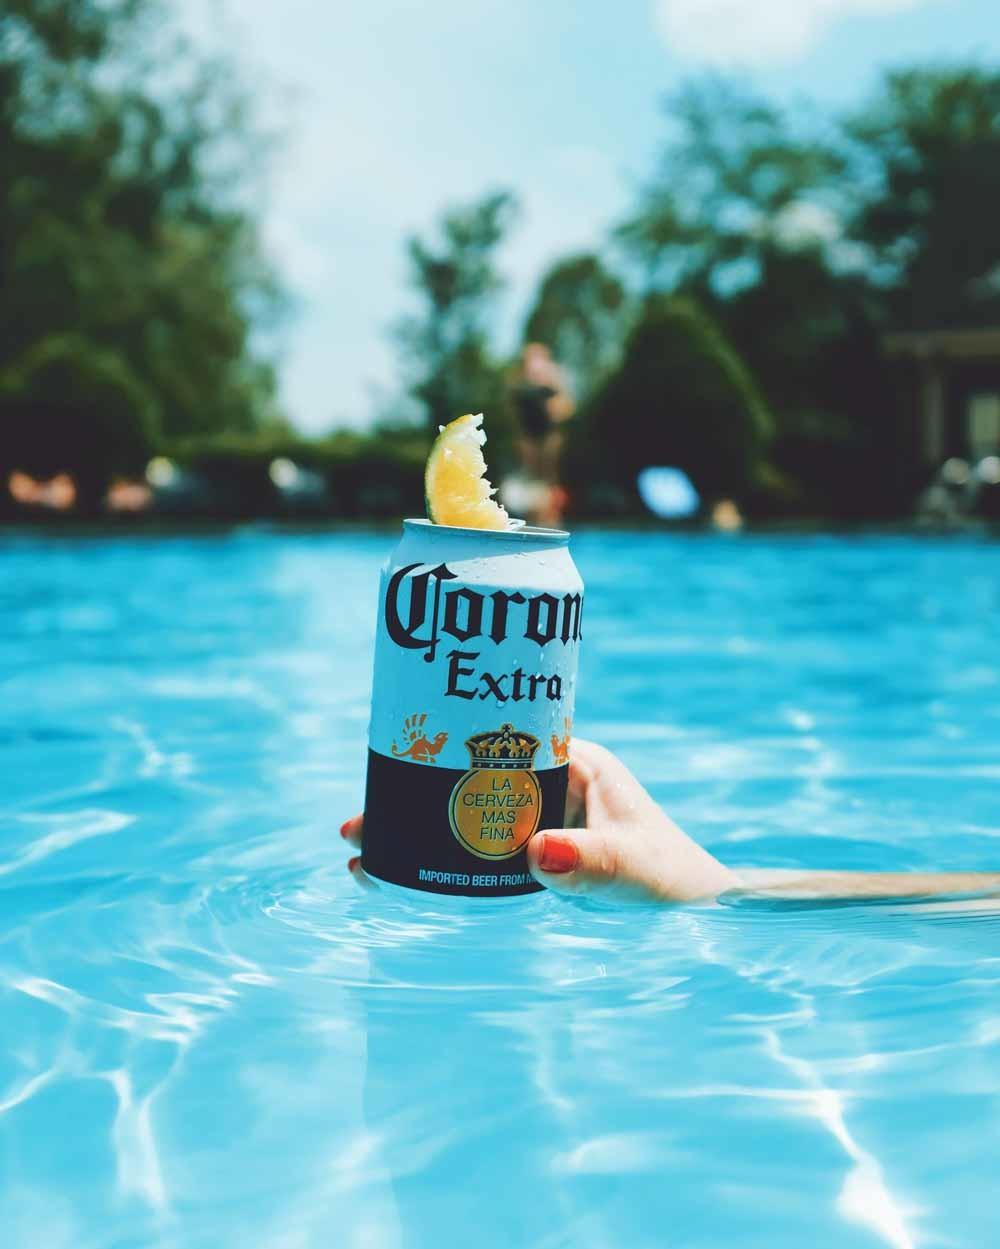 Volgens adviesbureau Interbrand is Corona het na het Chinese Huawei het sterkste wereldmerk dat niet afkomstig is uit de rijke landen. – © Unsplash